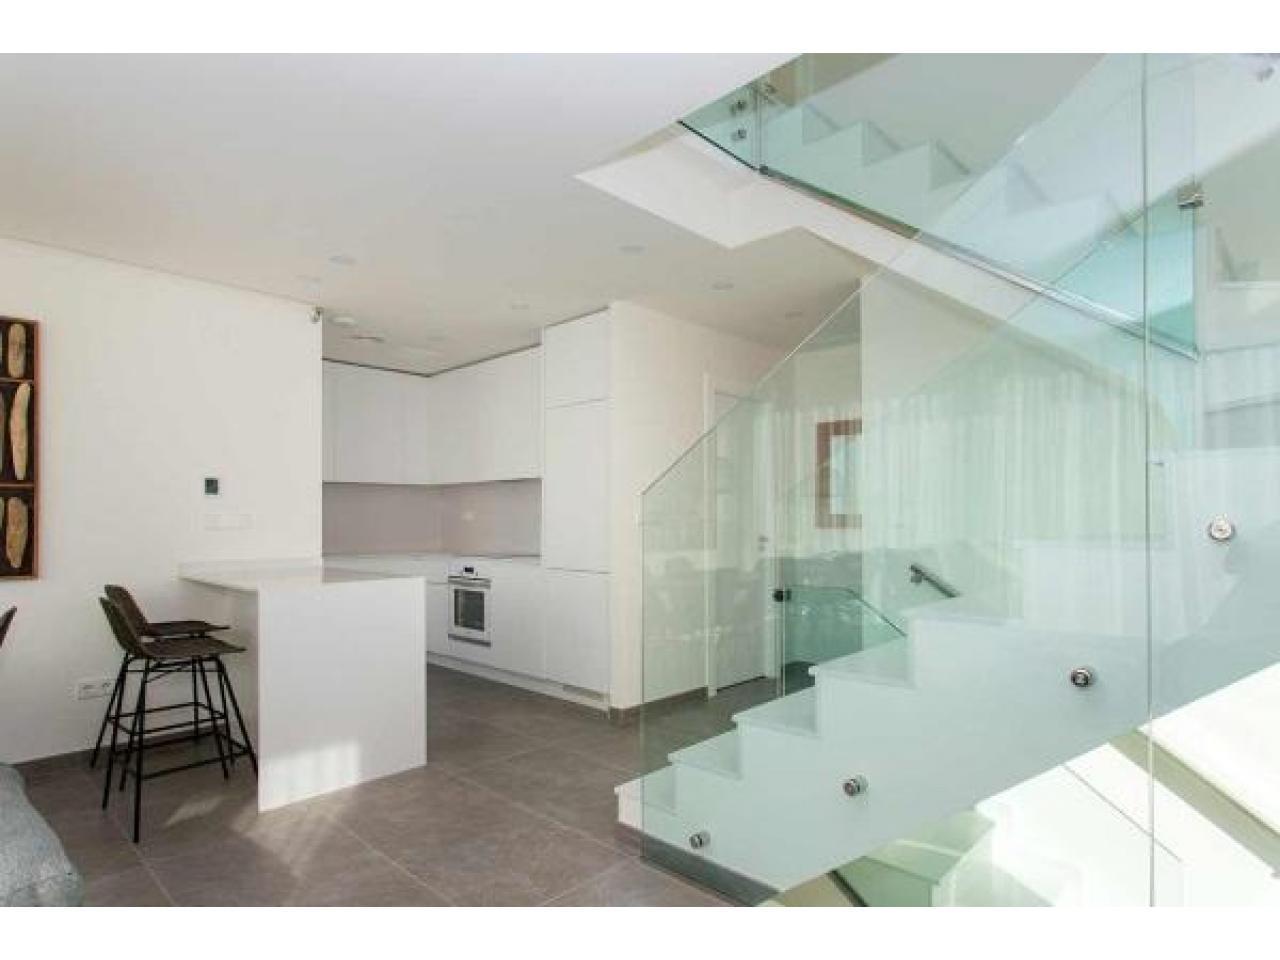 Недвижимость в Испании, Новая вилла рядом с пляжем от застройщика в Торревьеха,Коста Бланка,Испания - 5